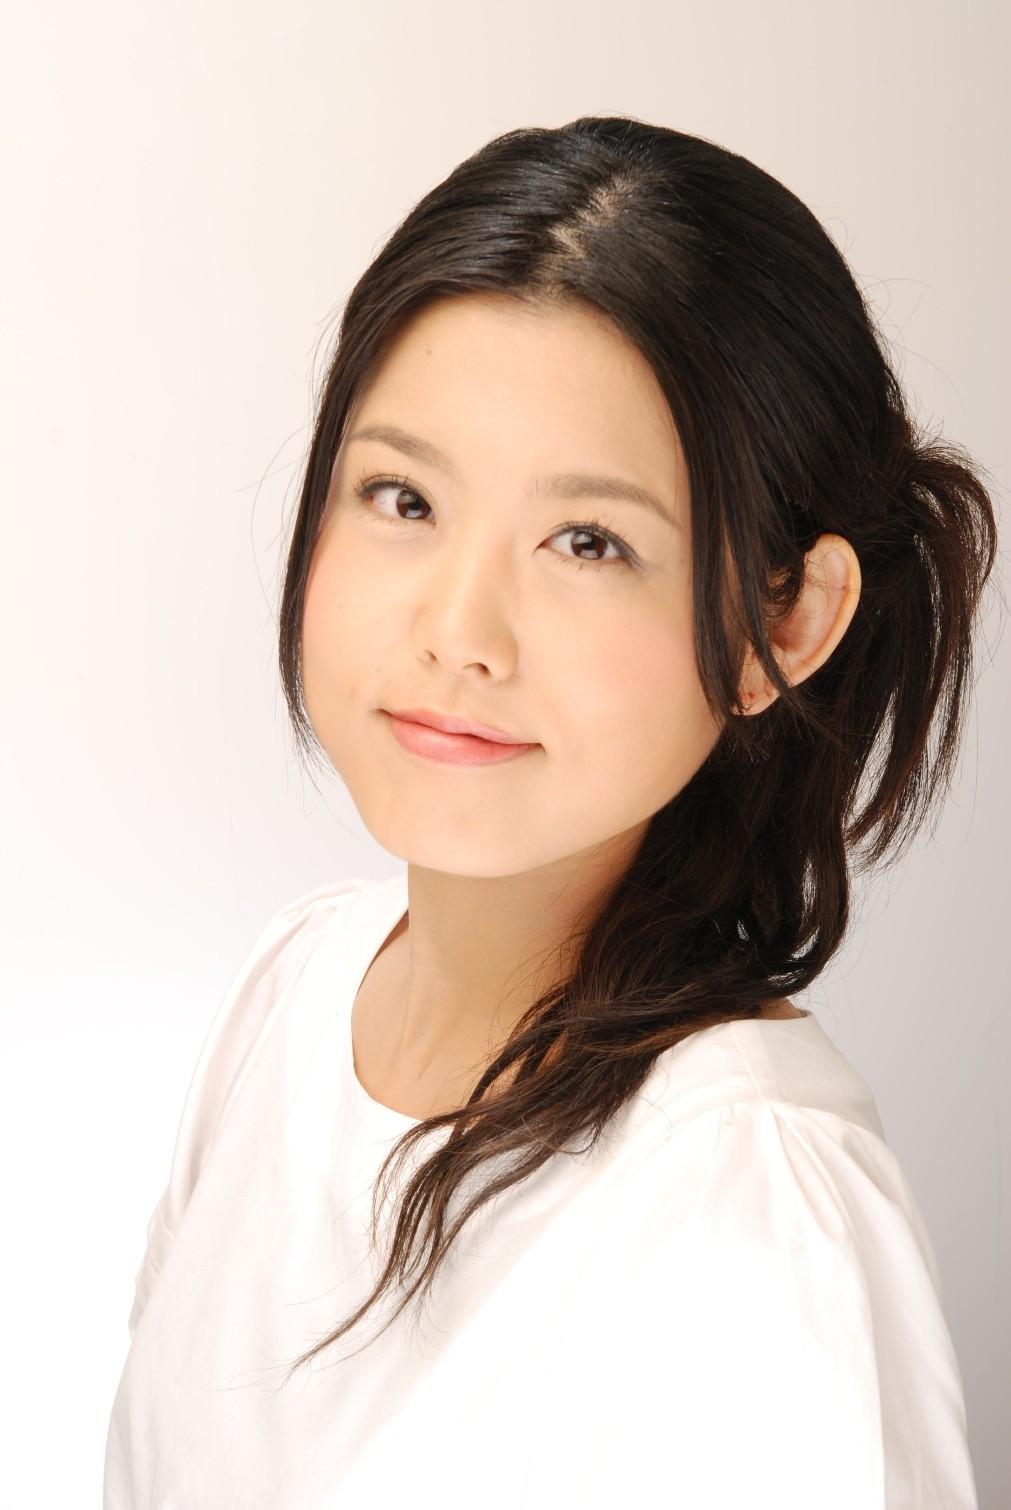 沢城千春の画像 p1_39